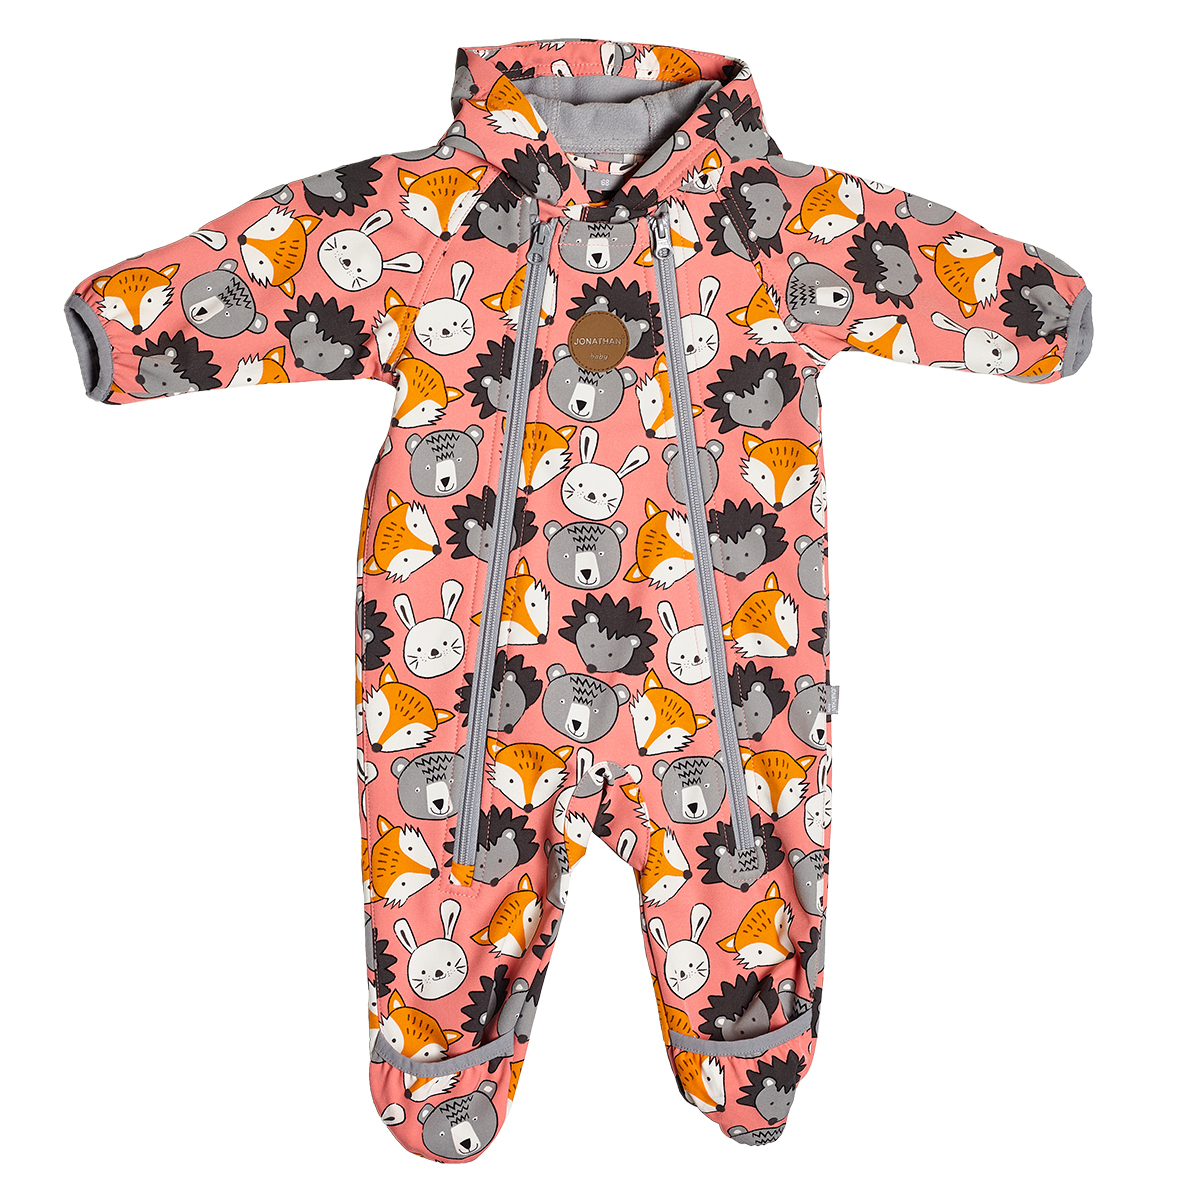 Vauvan haalari olkaimilla – katso neuleohje ja neulo näppärä ja suloinen vaate vauvalle!